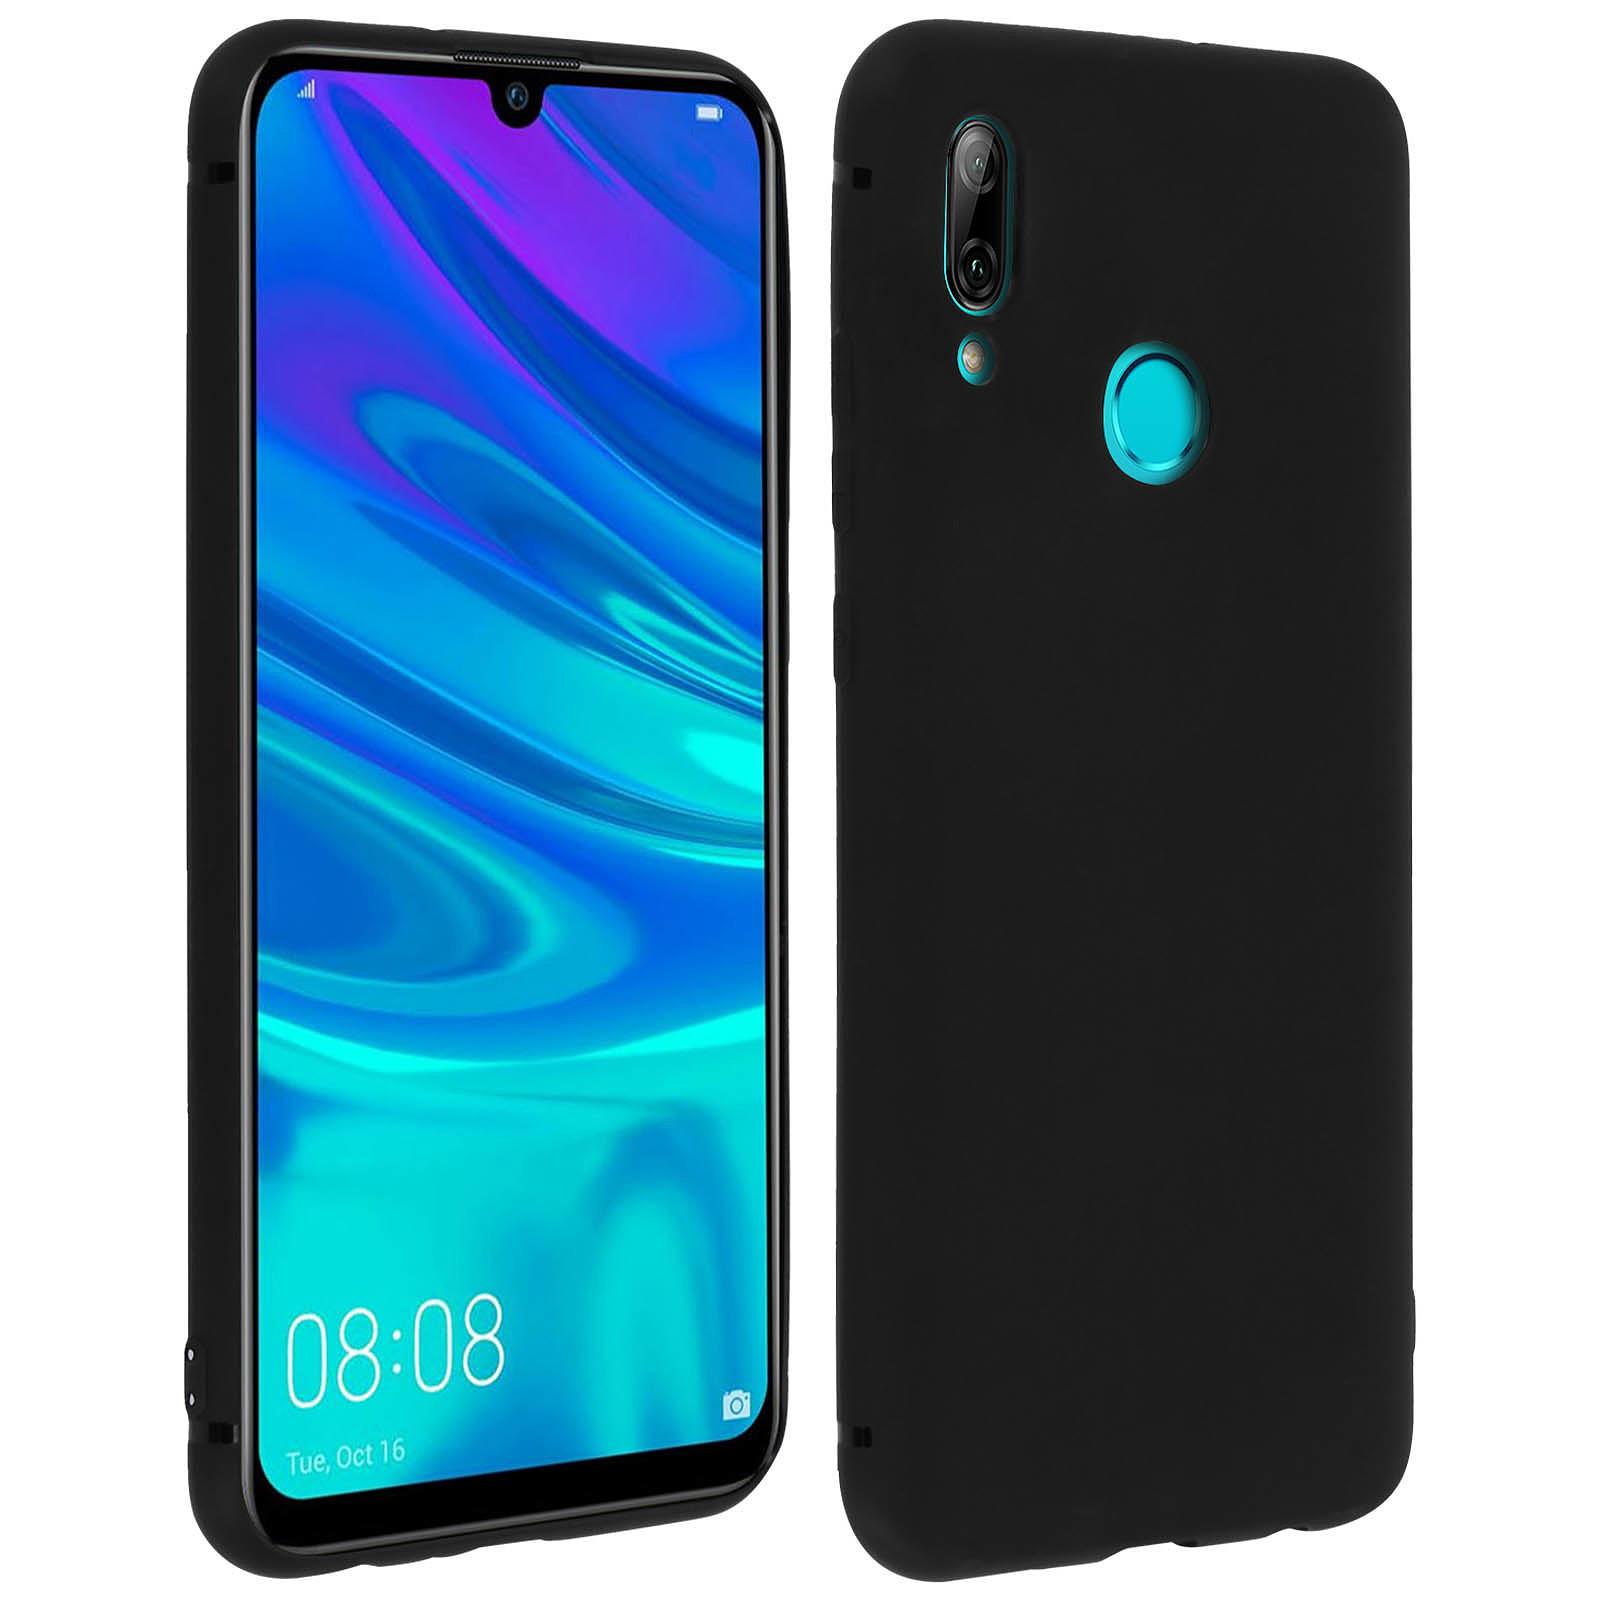 Avizar Coque Noir Mat pour Huawei P Smart 2019 , Honor 10 Lite - Coque téléphone Avizar sur LDLC